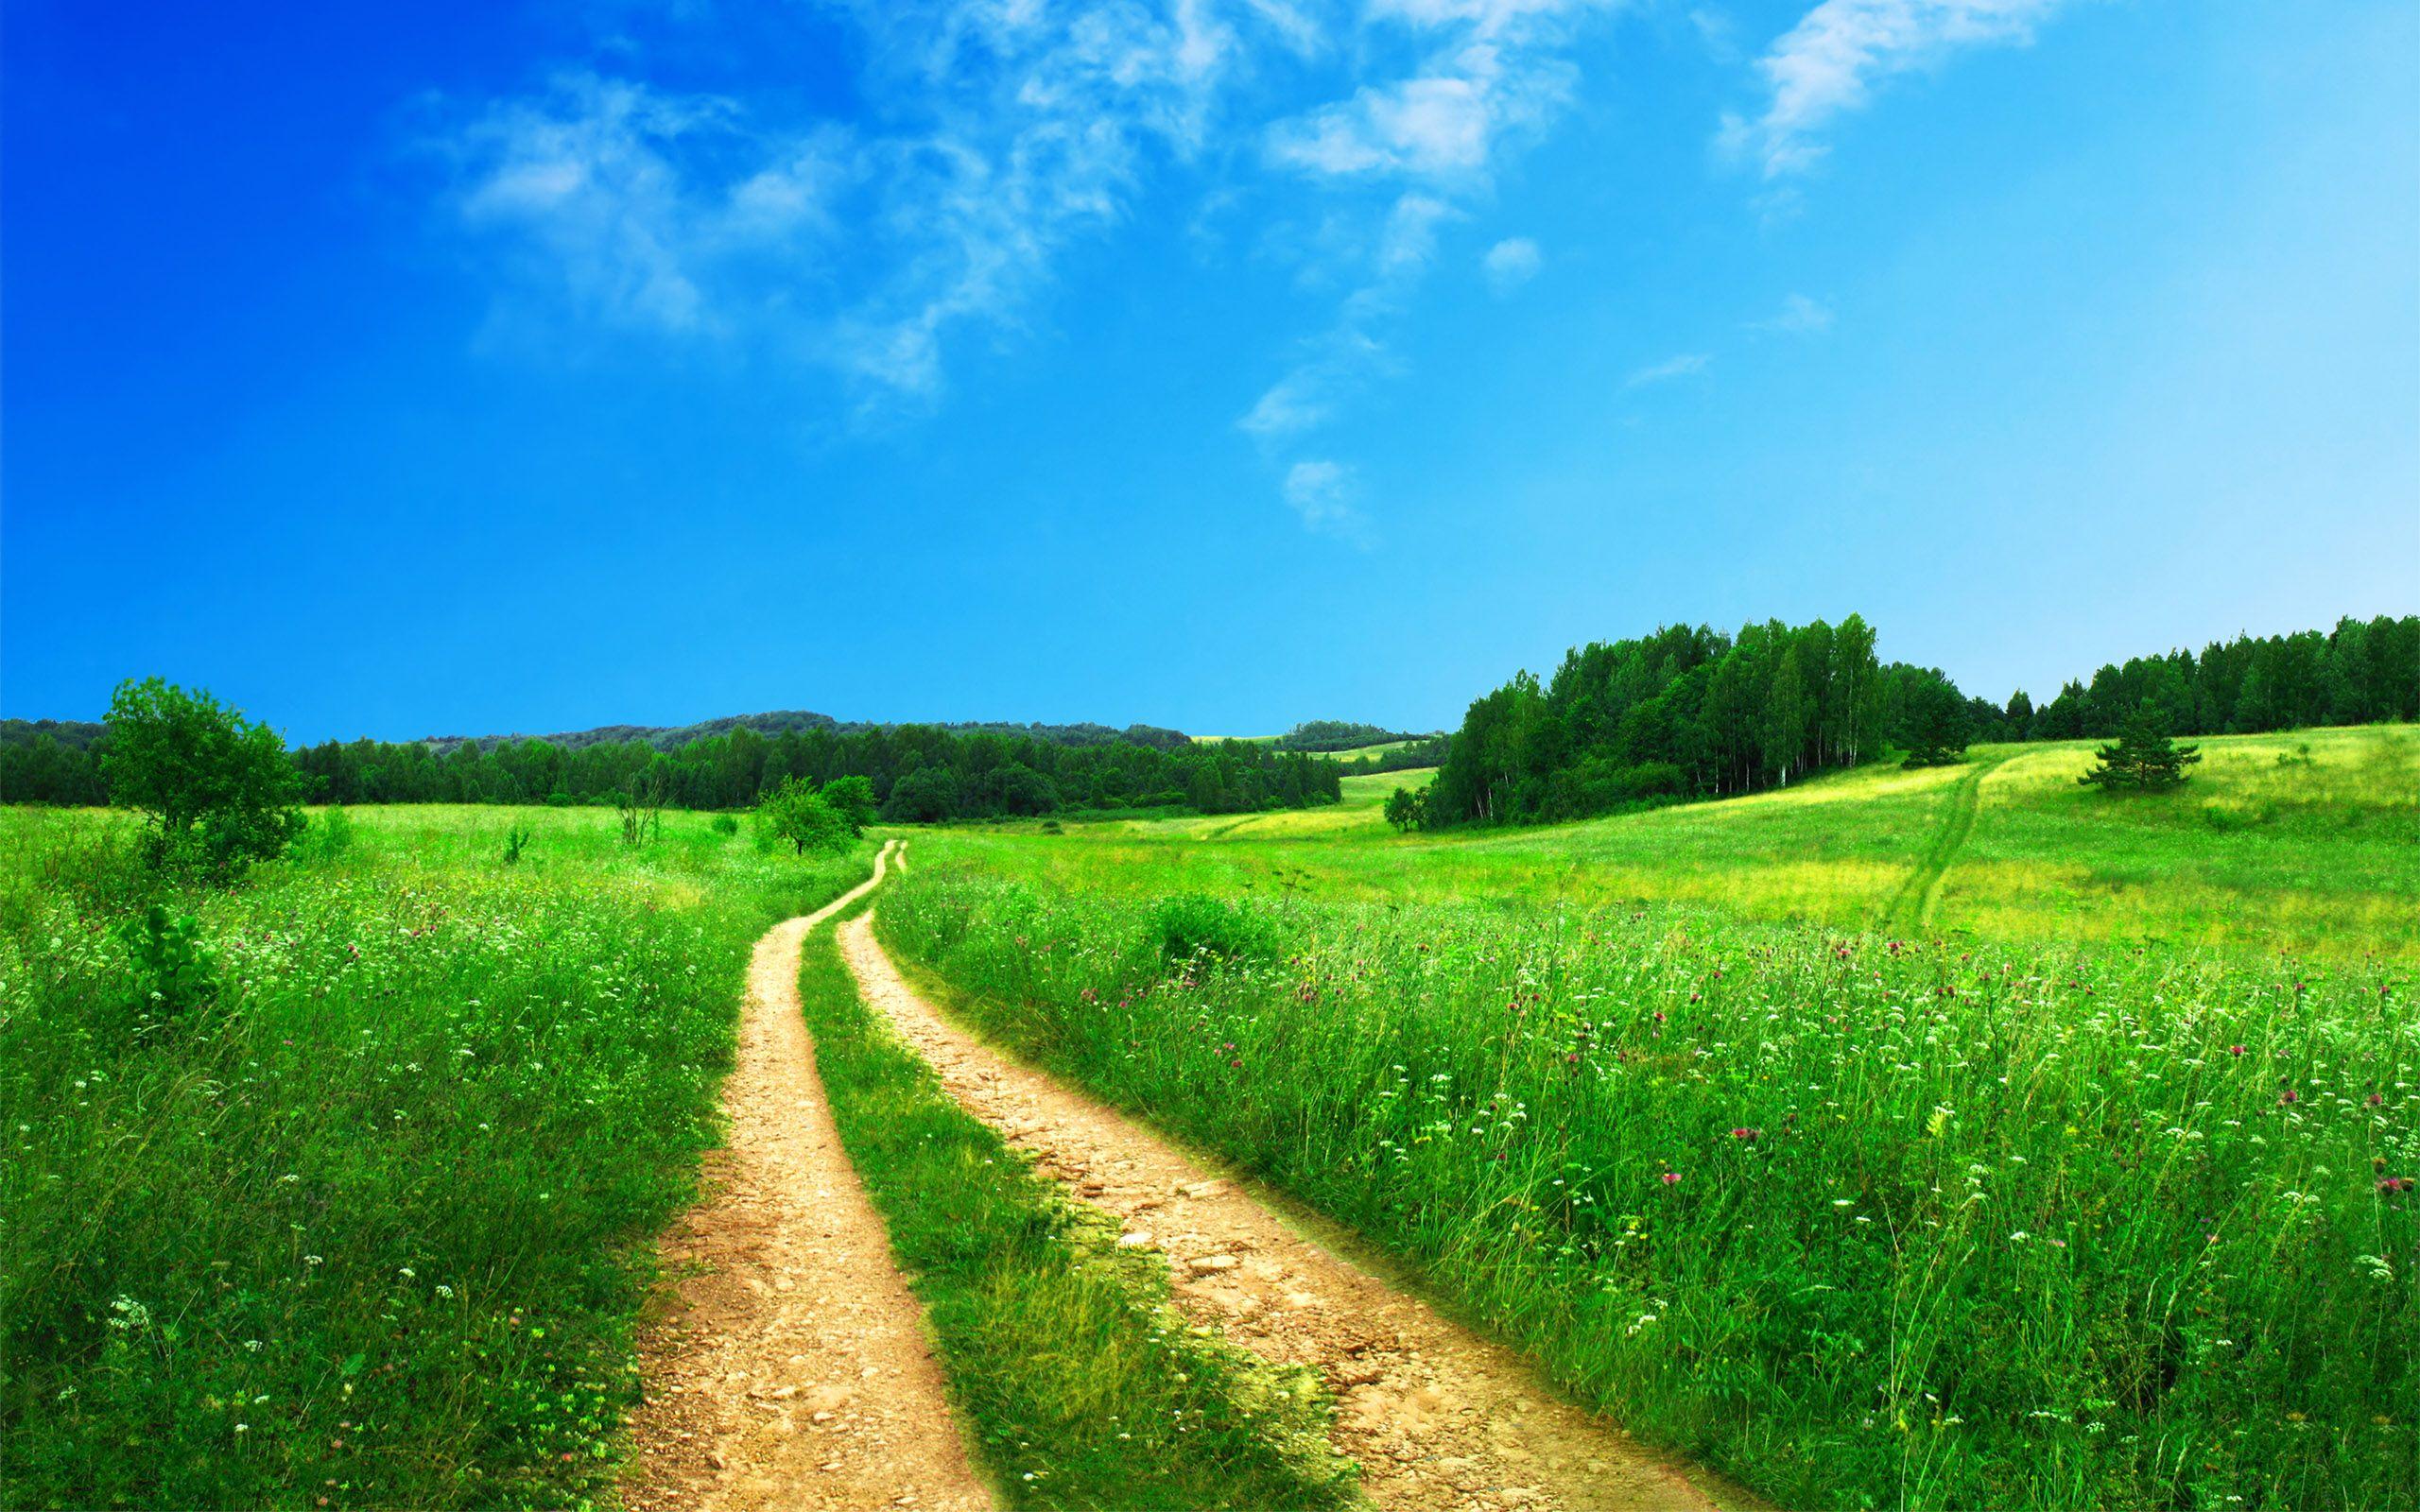 The Scenery Beautiful Scenery Prachtige Natuur Natuur Behang Bestemmingen